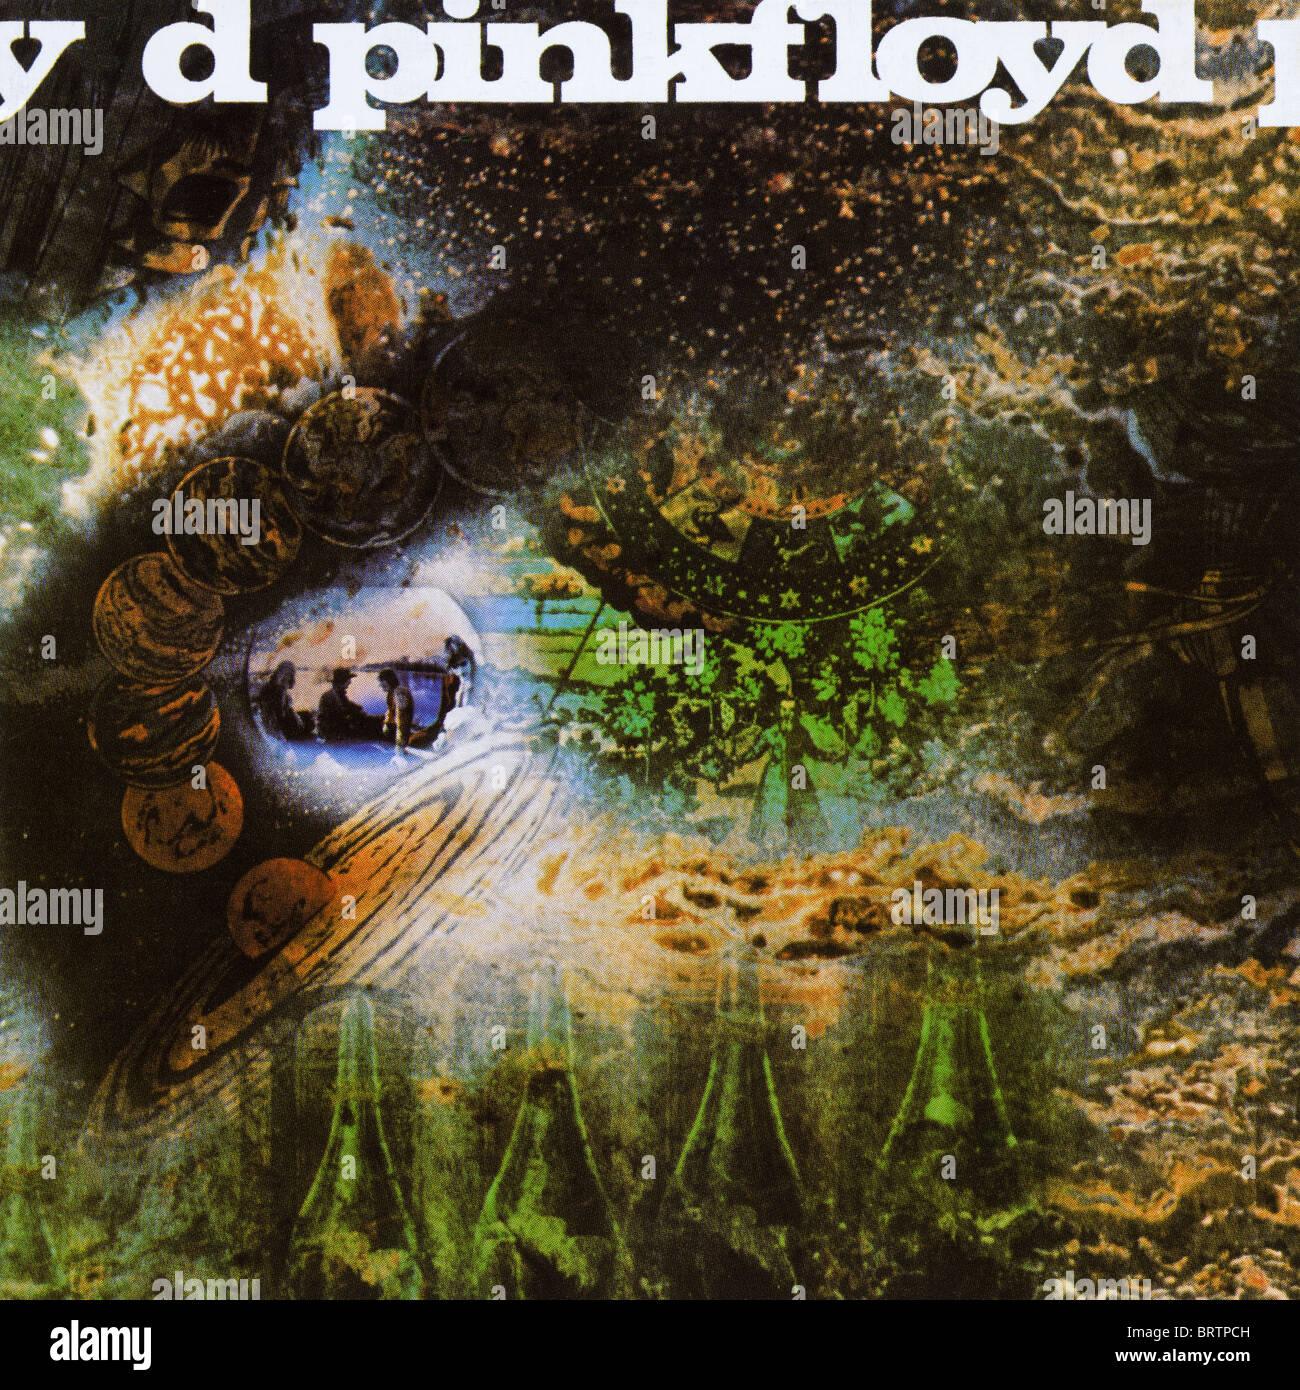 stock photo album cover - photo #28